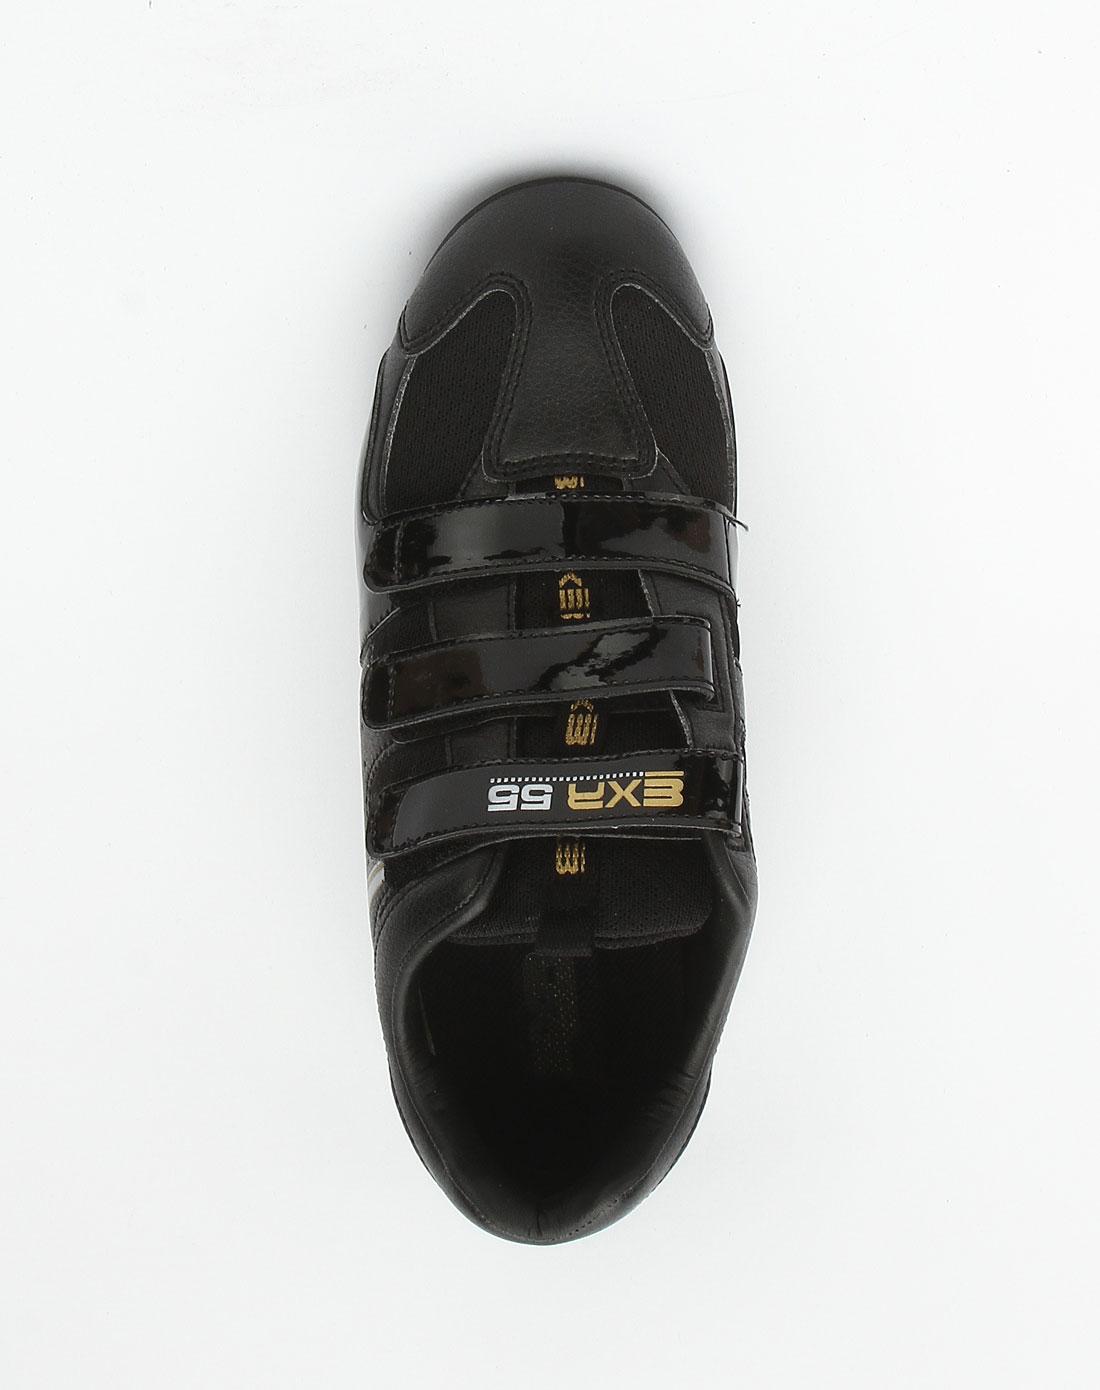 exr黑色时尚休闲运动鞋ei5sf1xvc1bbk